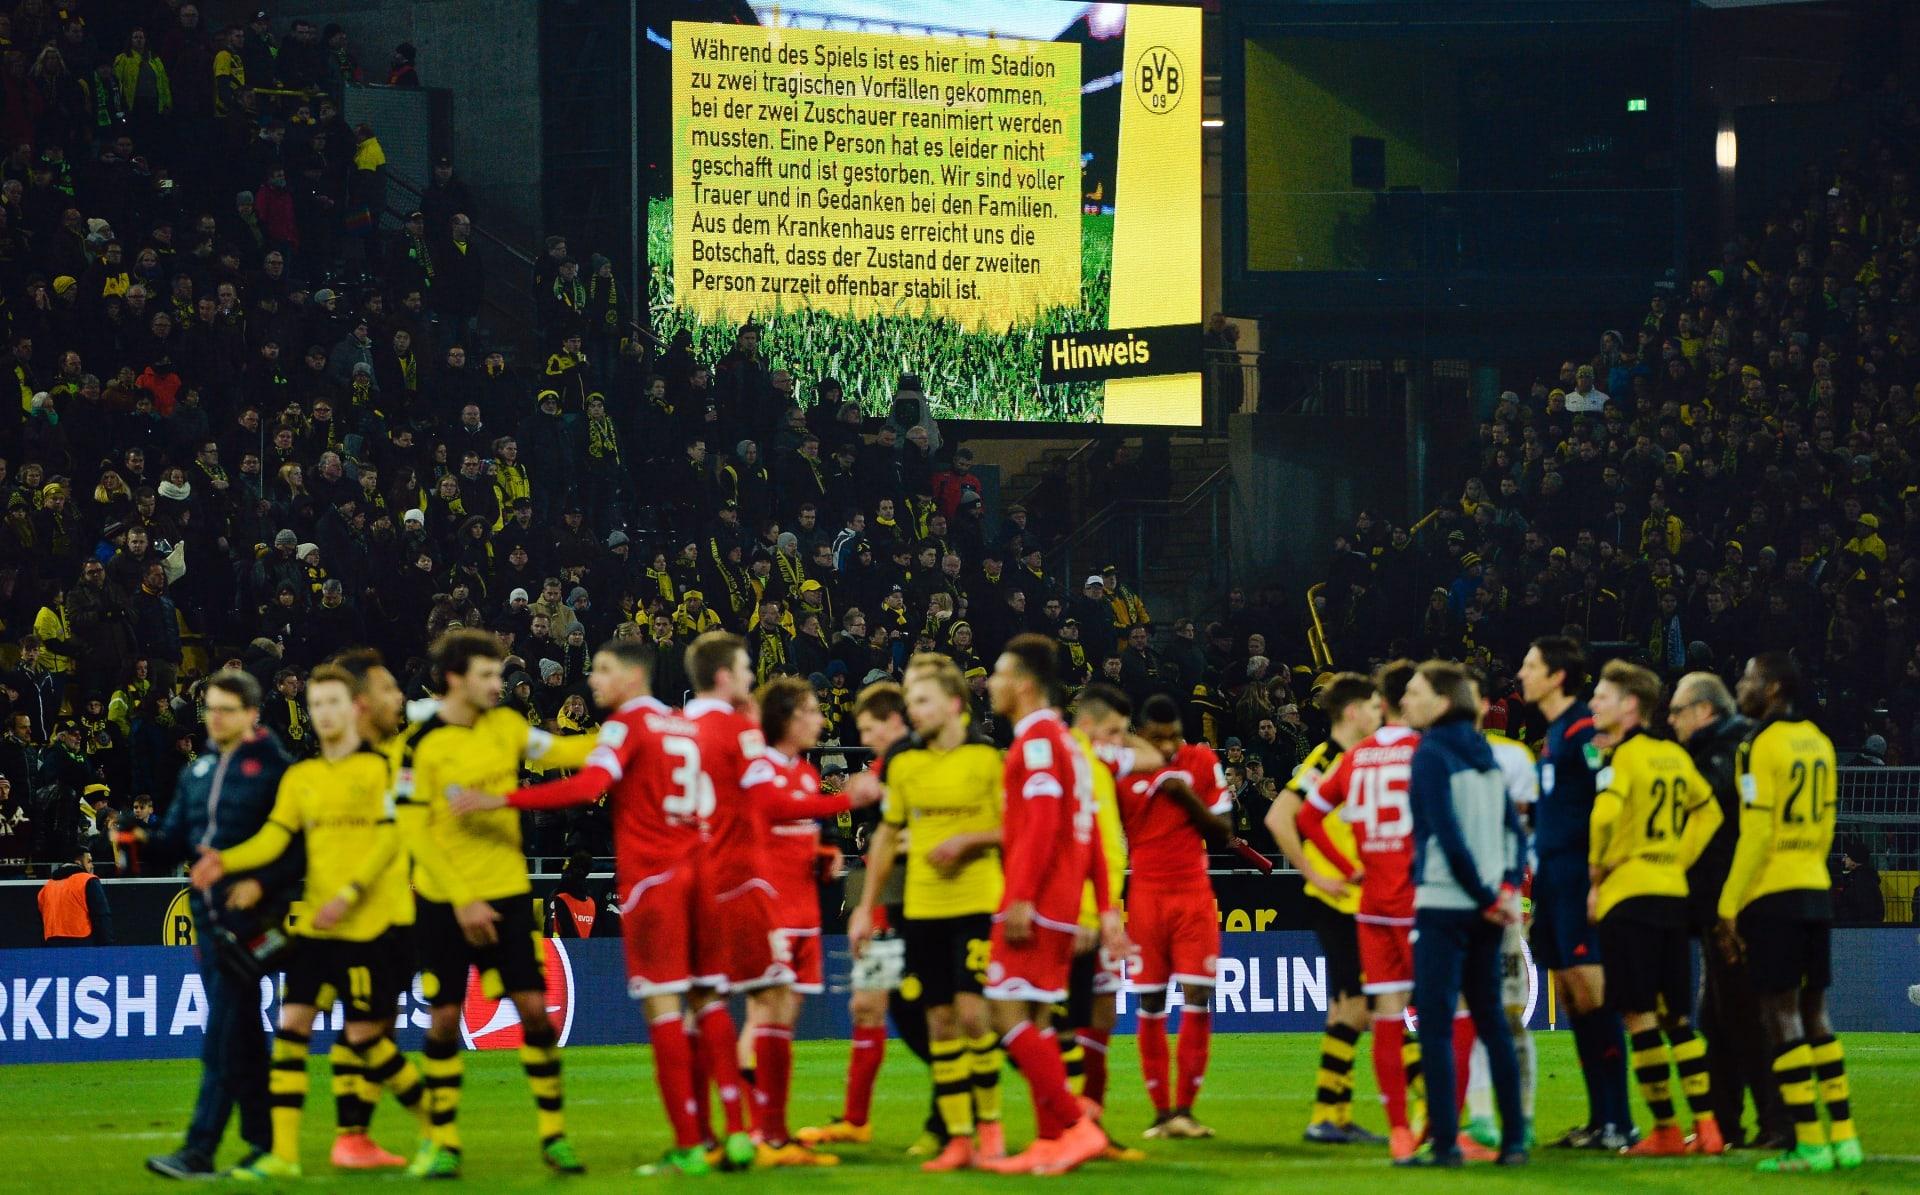 """جماهير دورتموند وماينز تغني """"لن تمشي وحدك أبدا"""" بعد وفاة مشجع في ملعب اللقاء"""